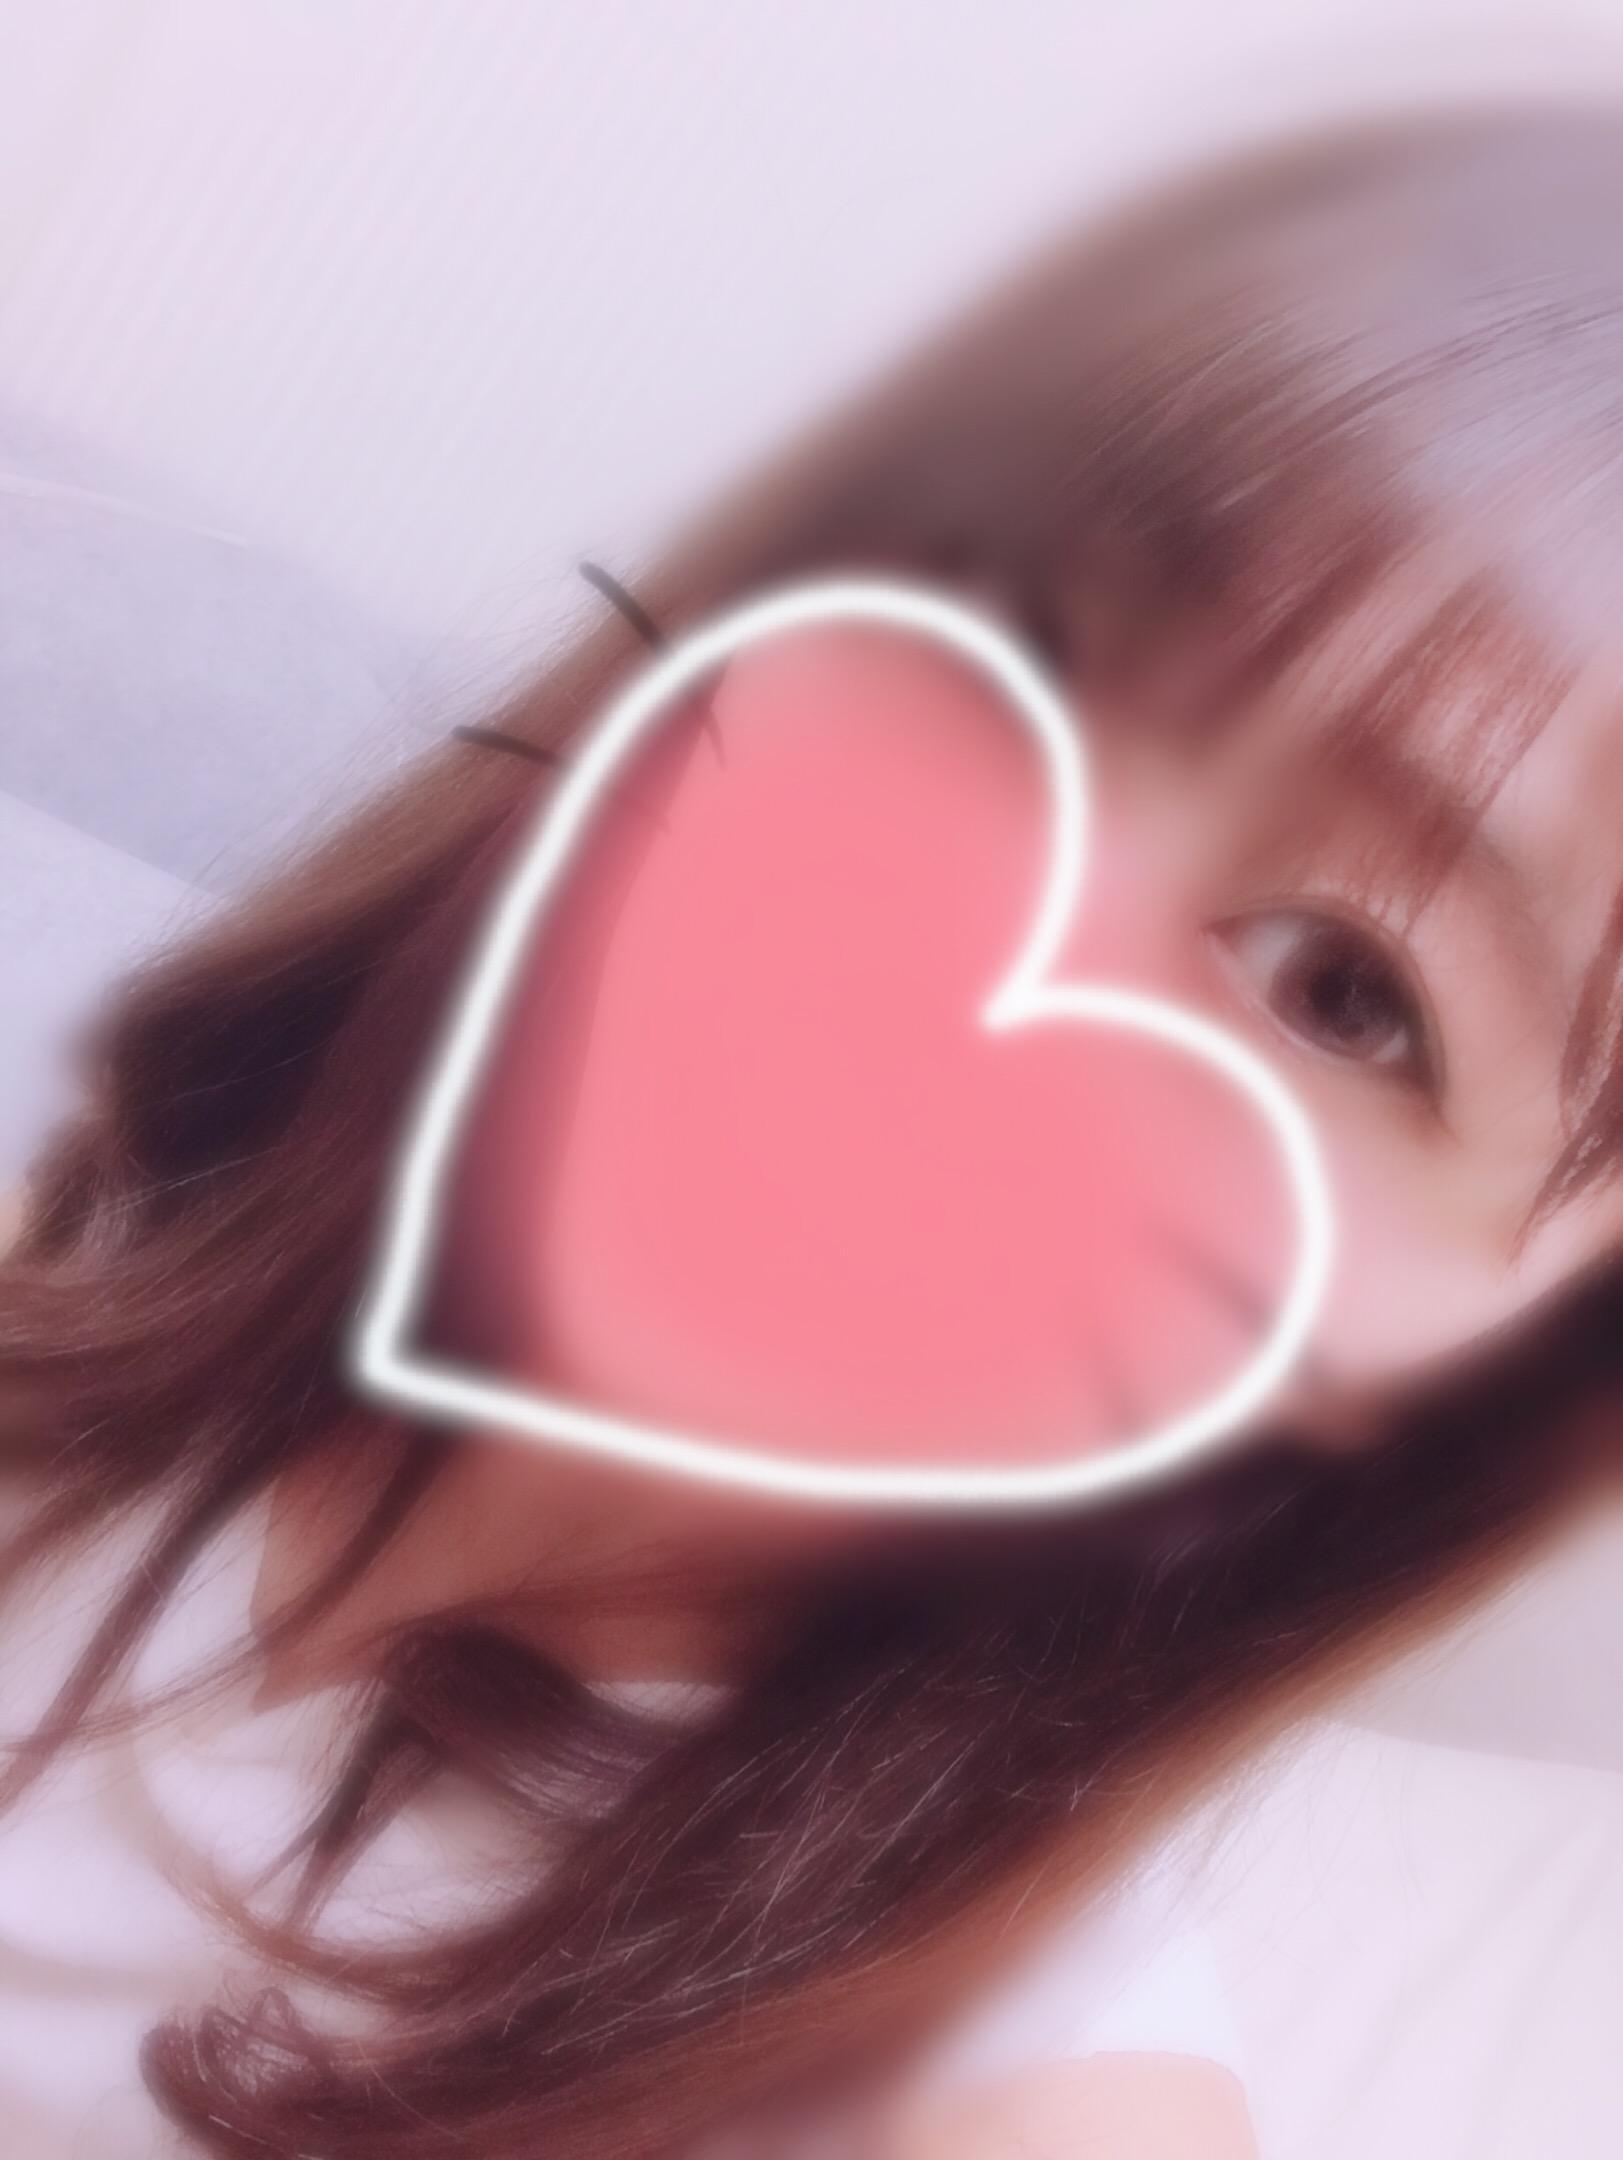 「初投稿♪」09/01(09/01) 17:56 | ユキの写メ・風俗動画